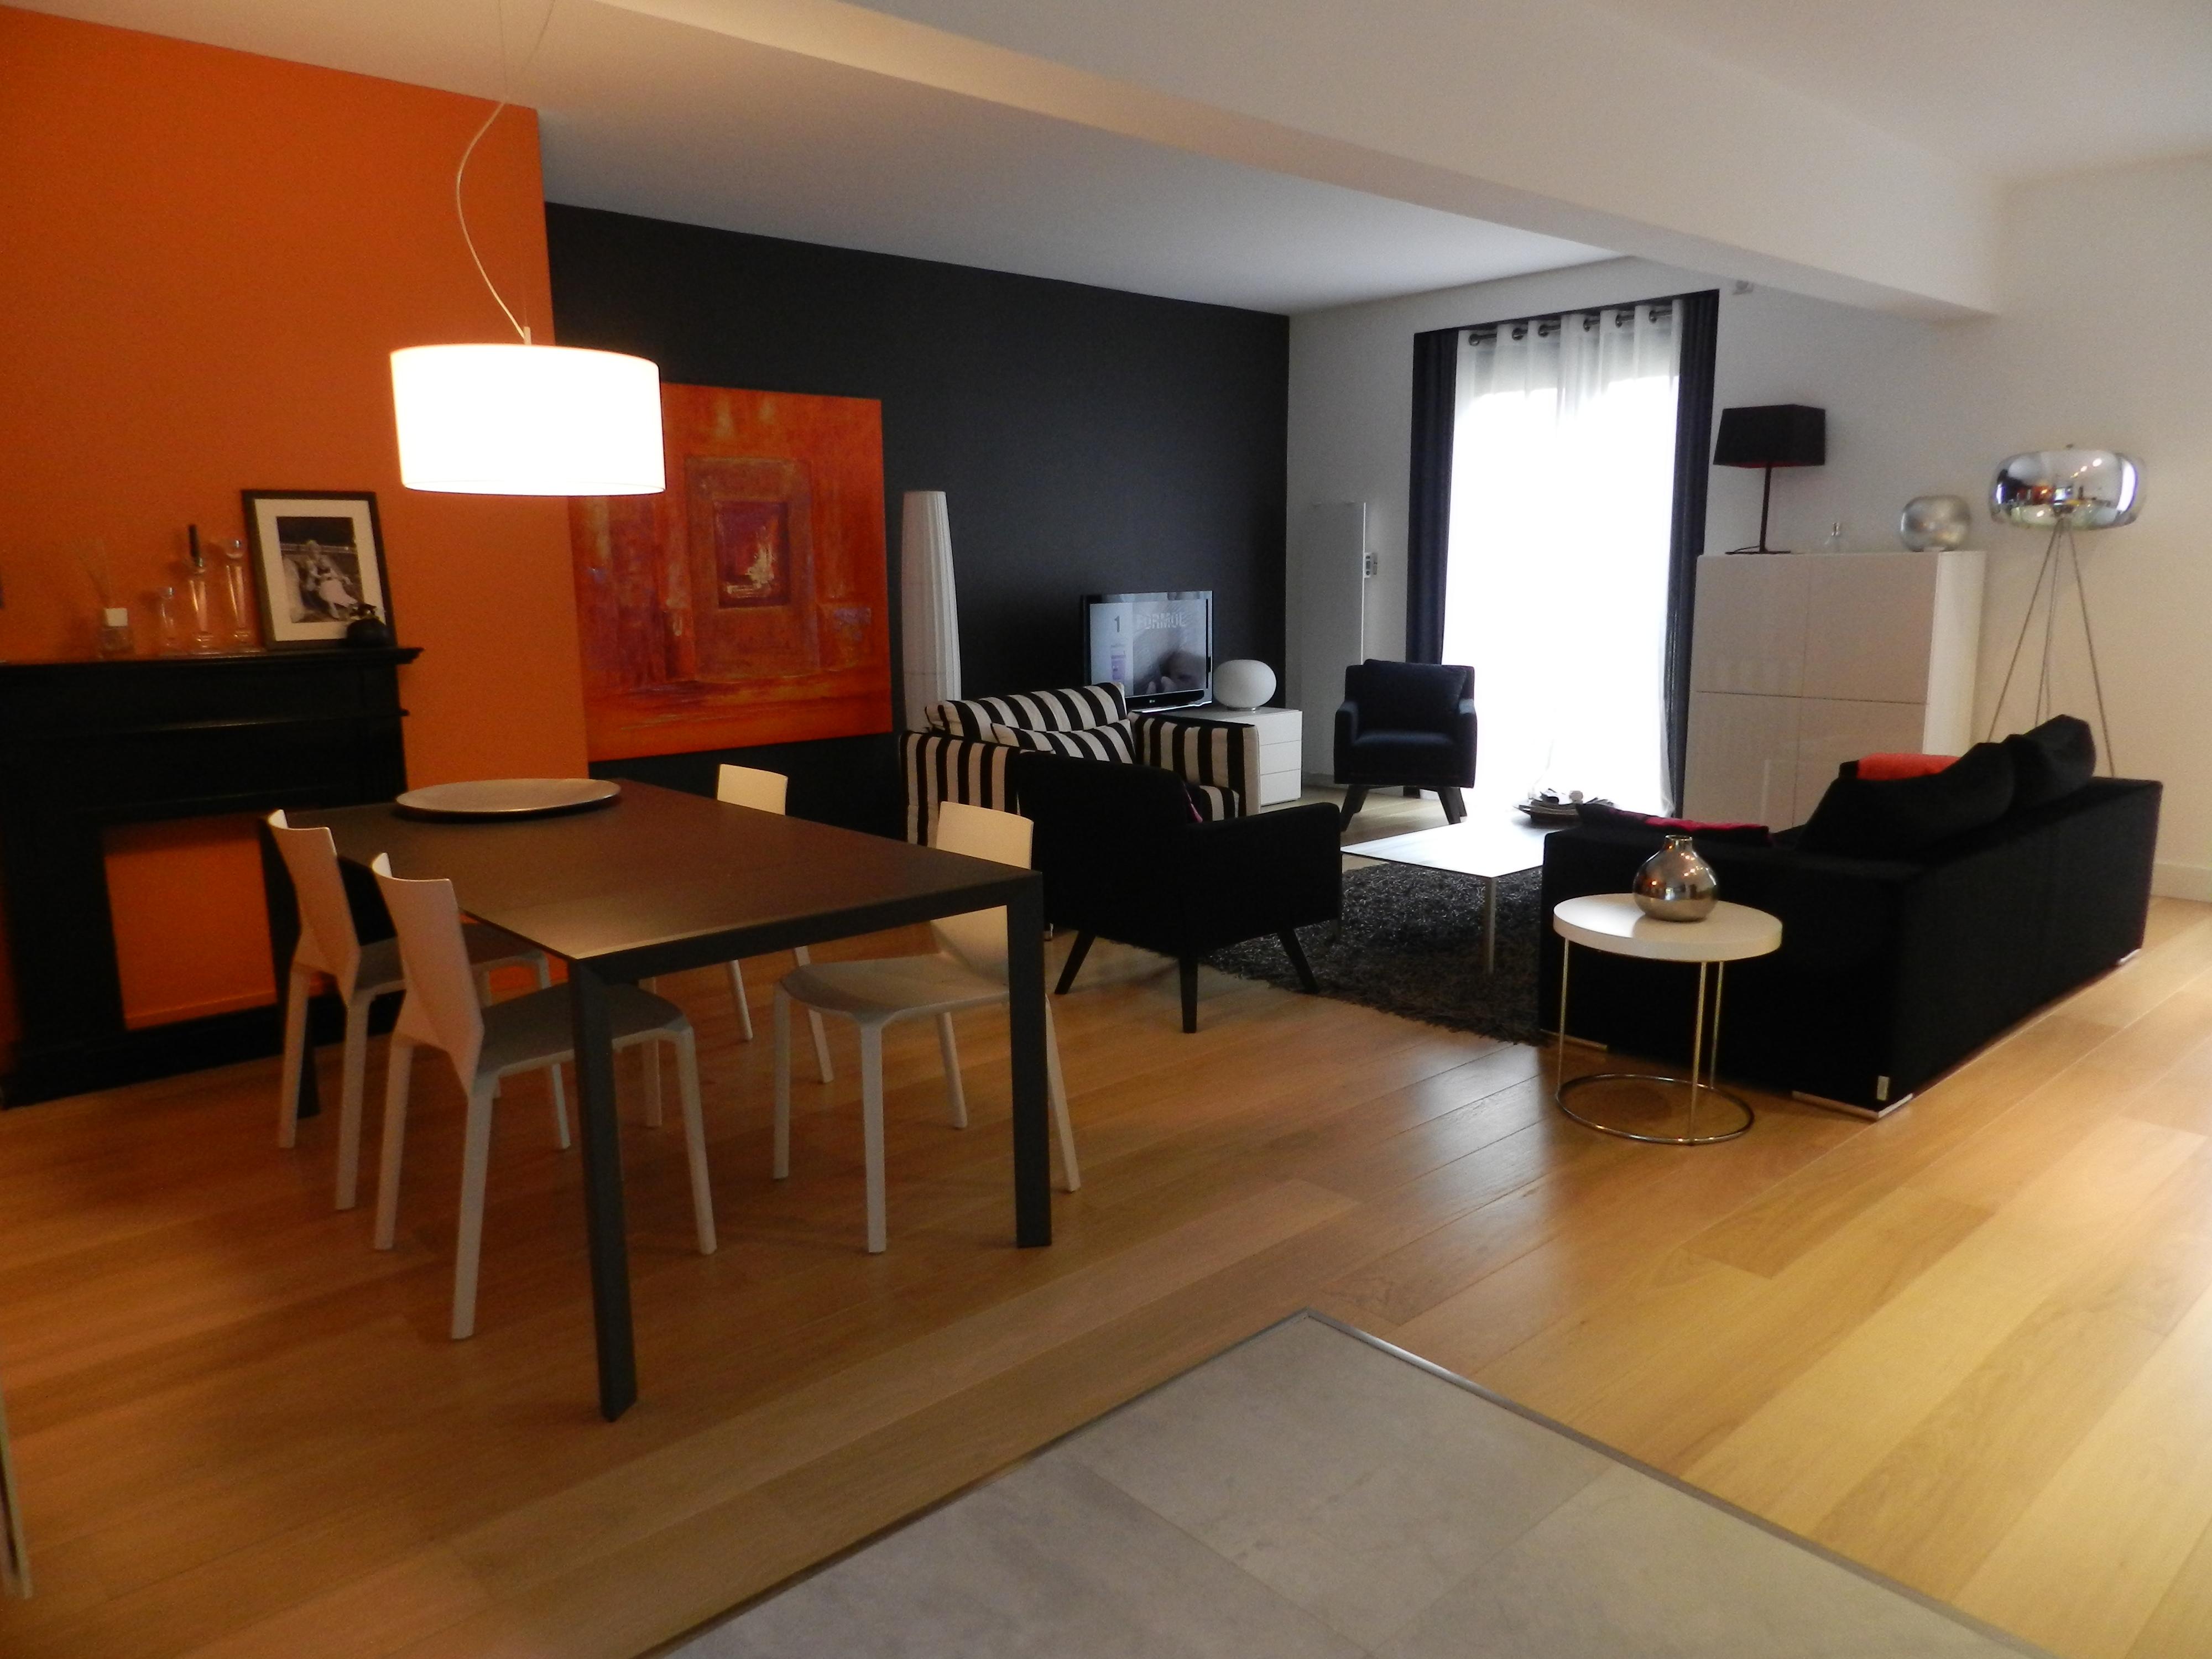 Un Plateau Entierement Renove Et Decore Par Home Deco Conseil Decoration Creation D Espaces Interieurs